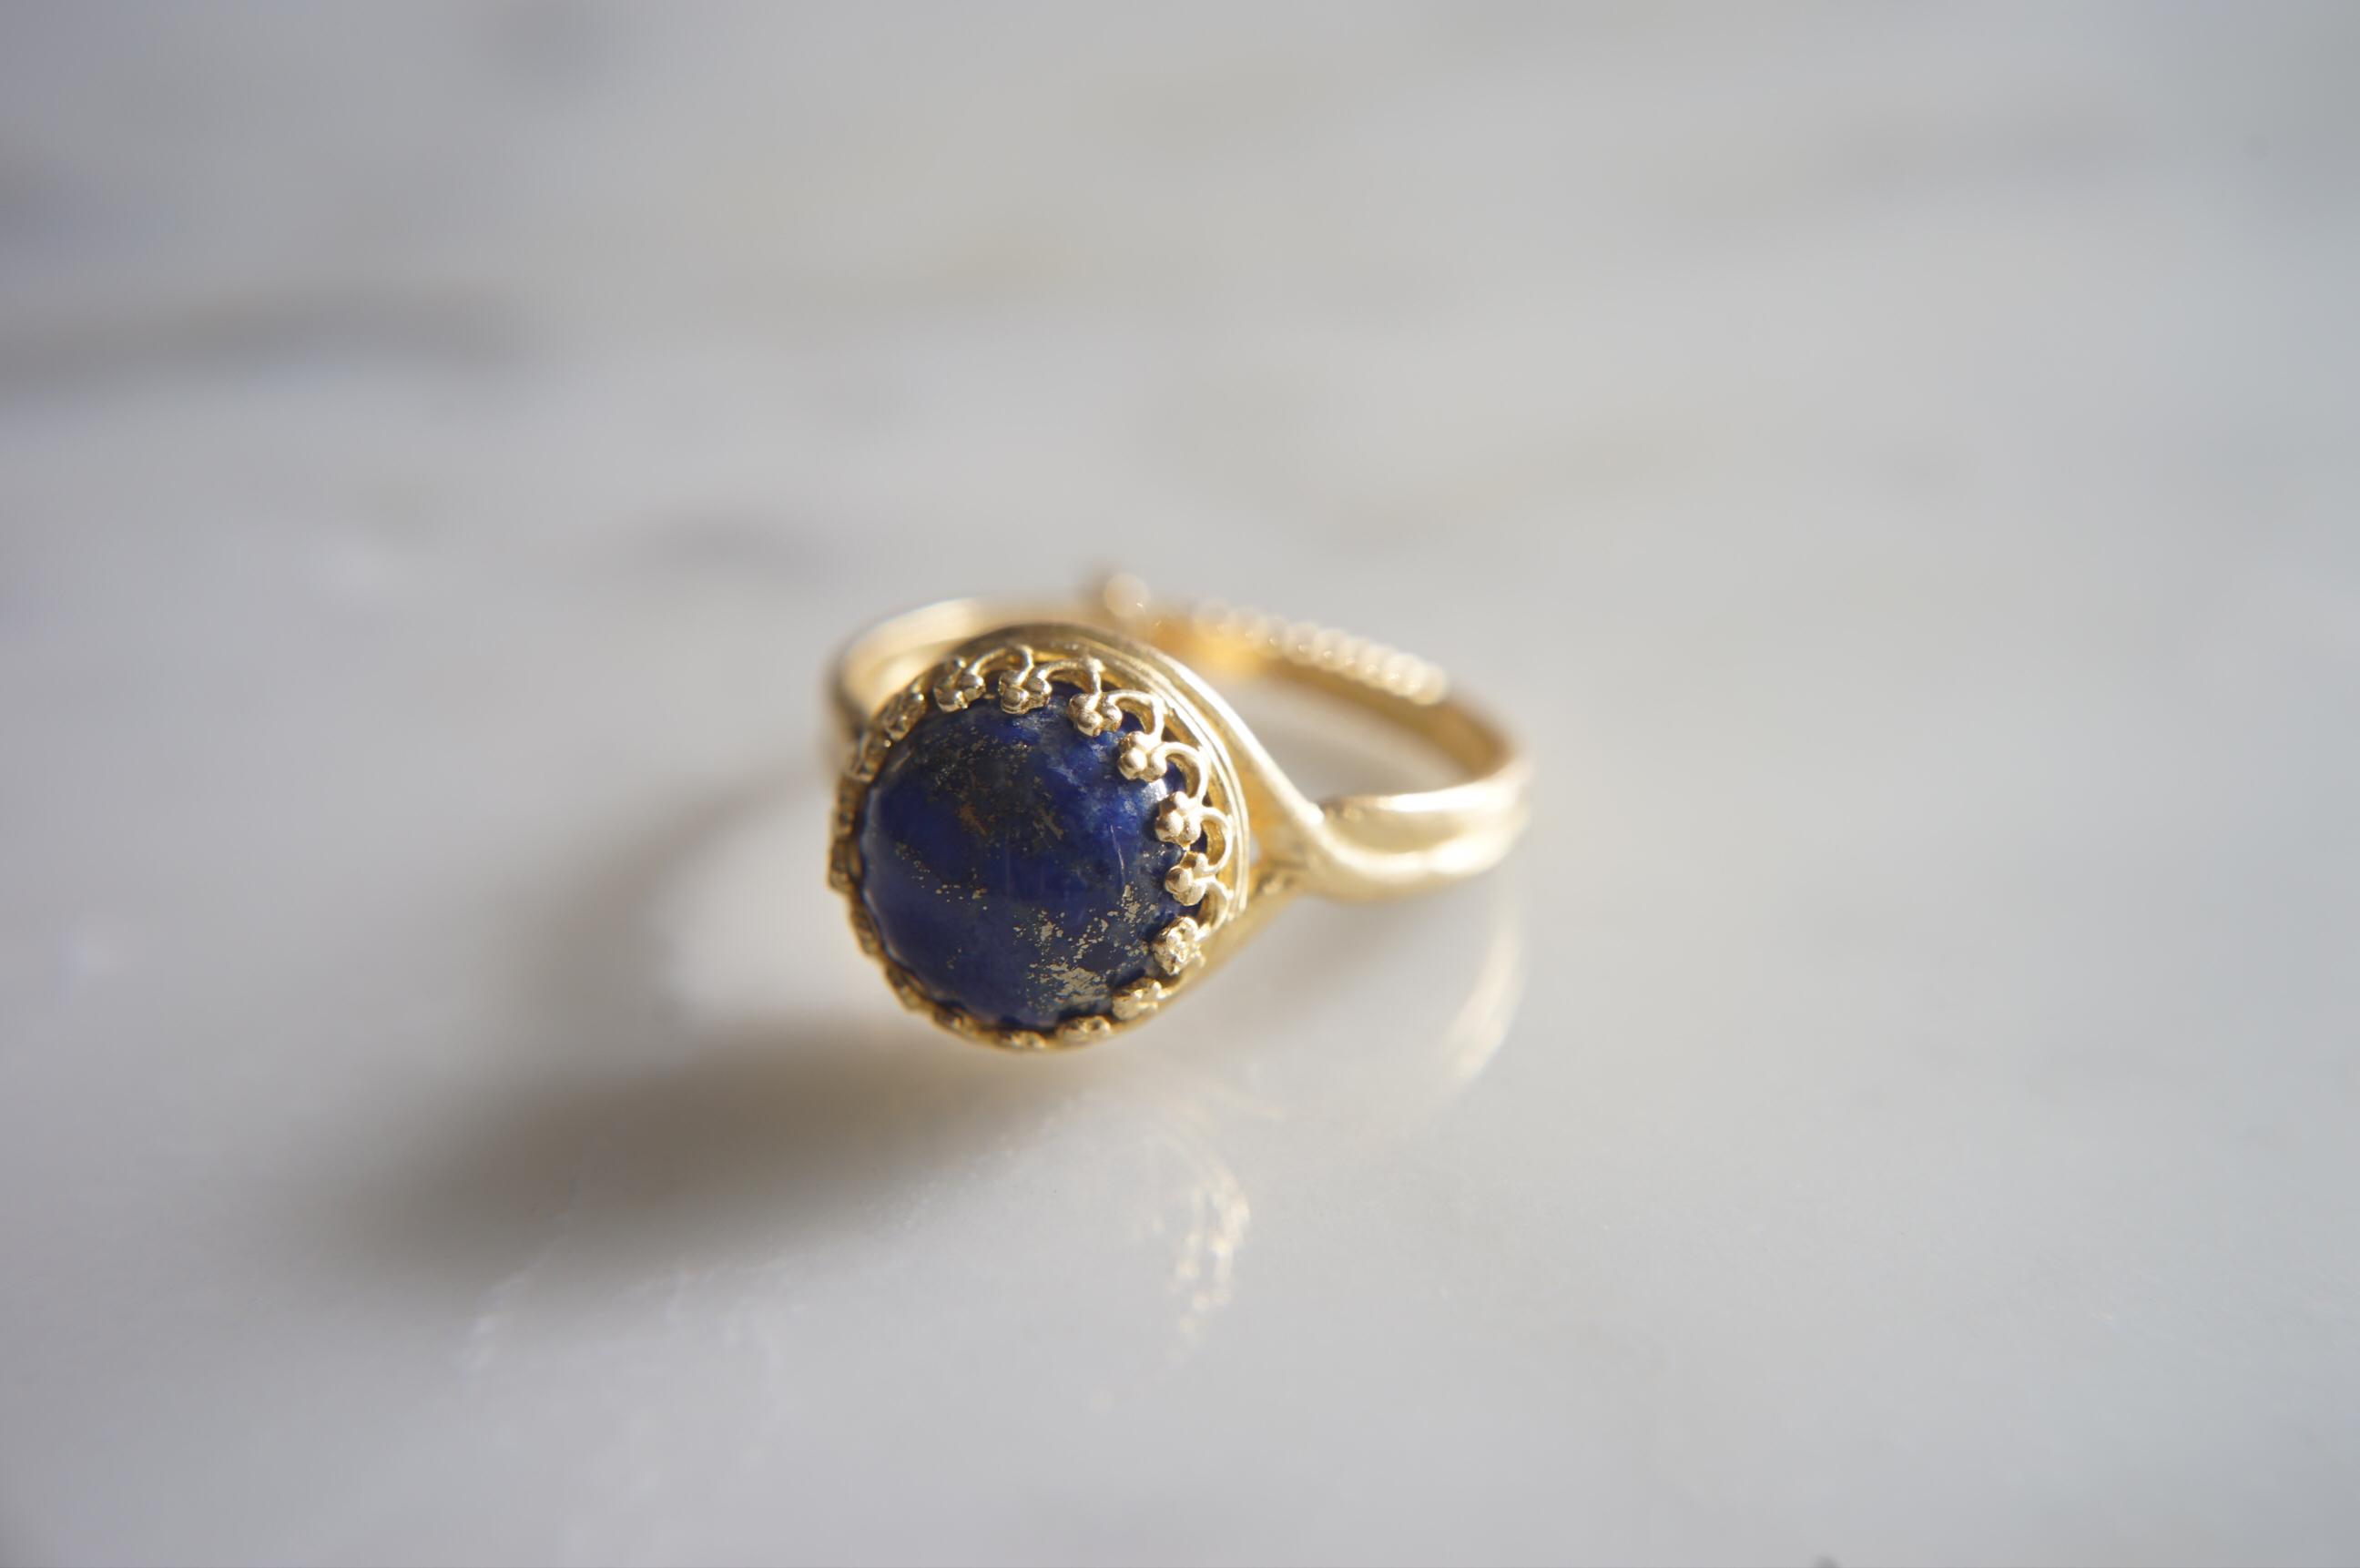 真鍮(ブラス)製 ラピス指輪